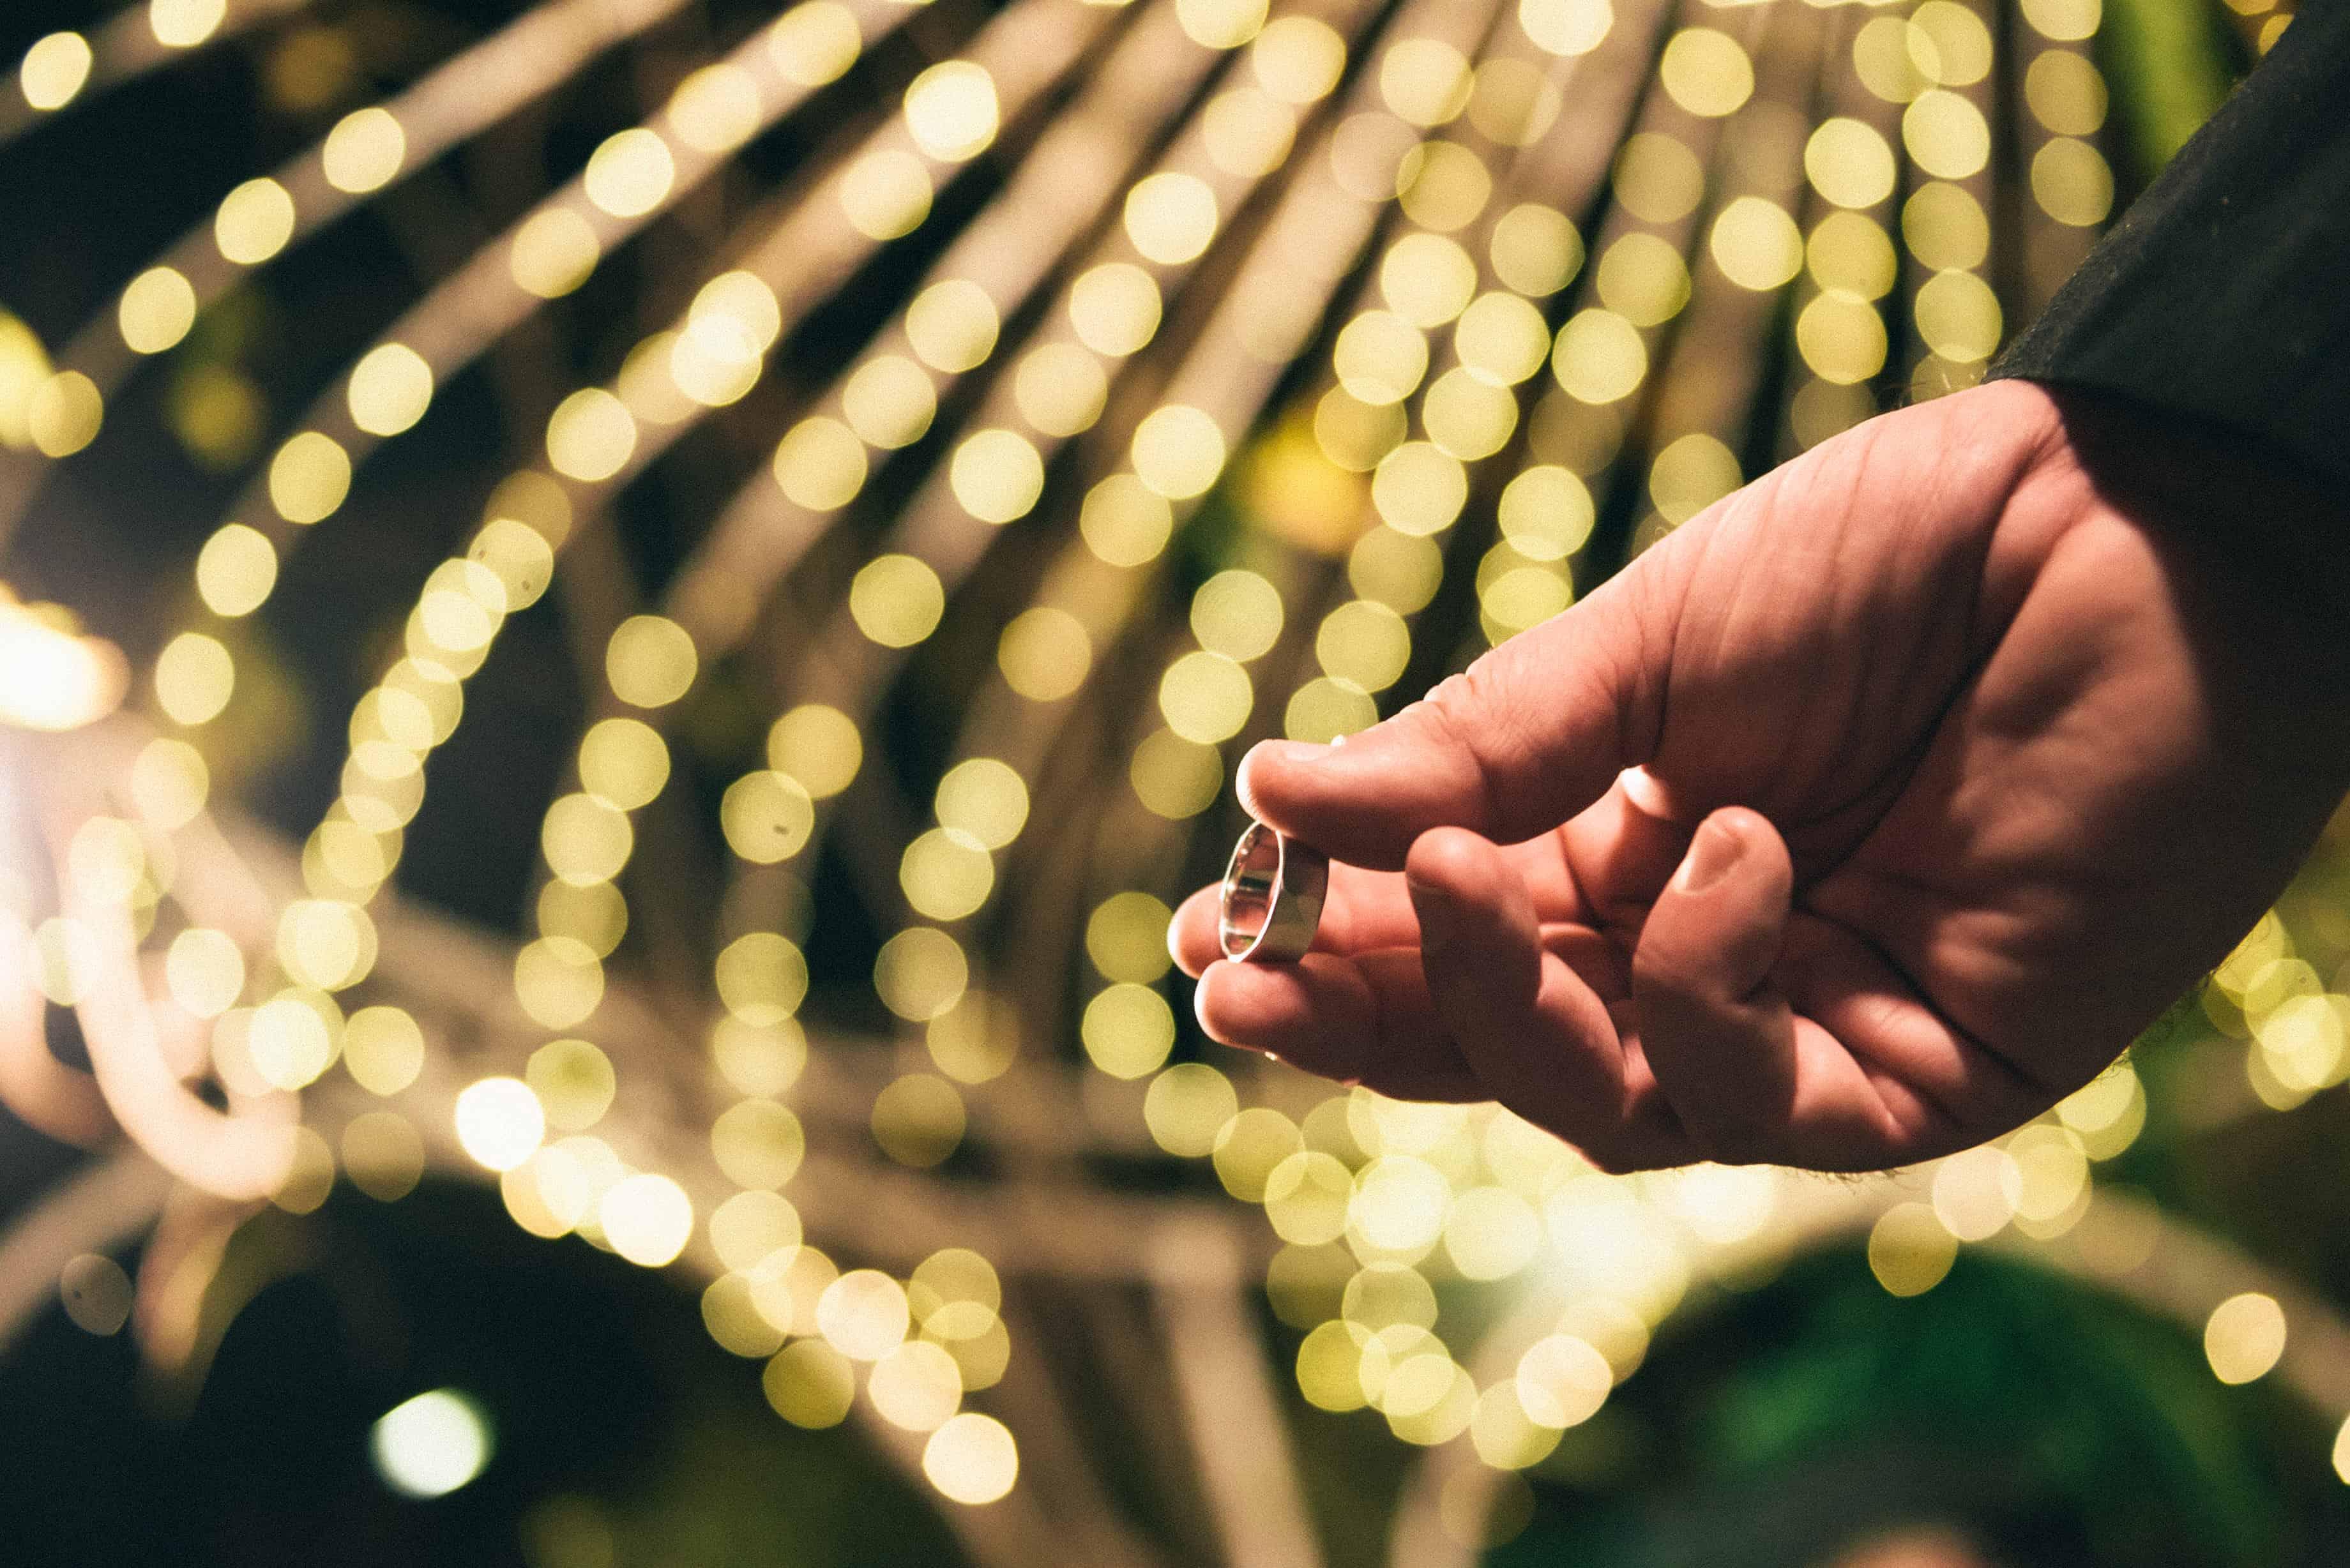 מגנטים לאירועים | מגנטים לחתונות